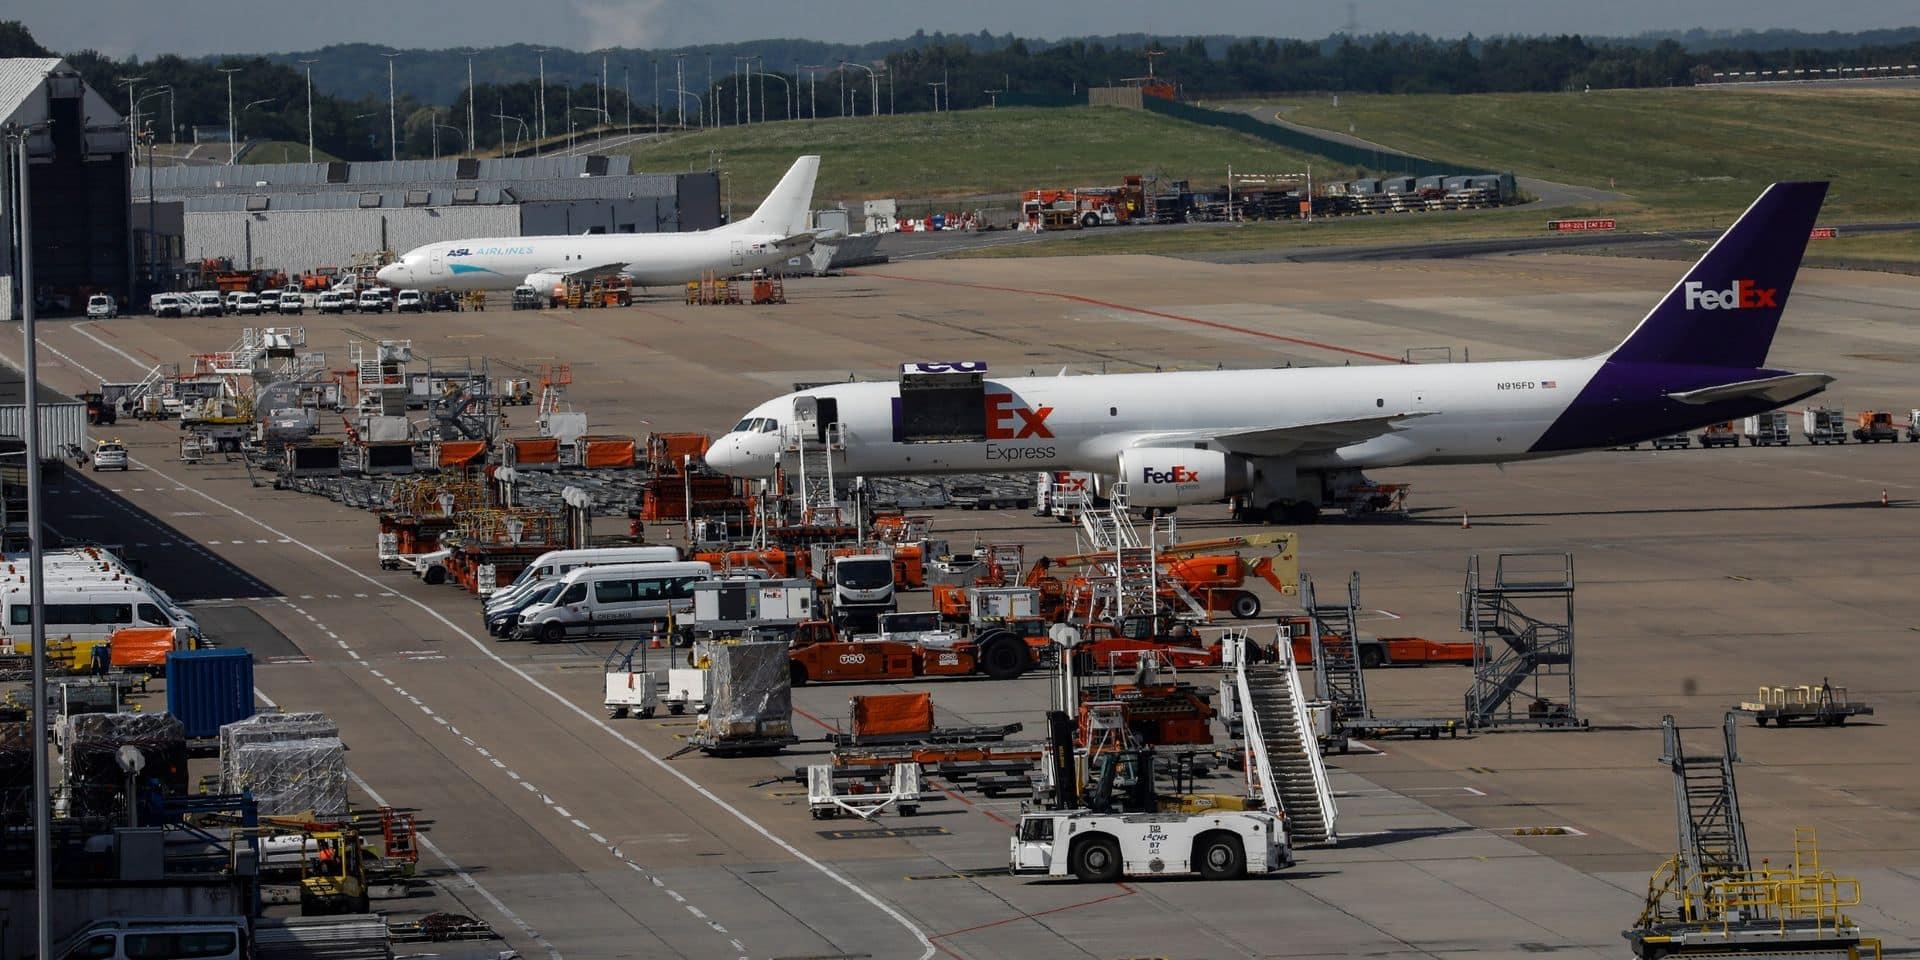 Un avion qui a perdu des pièces de moteur à Maastricht contraint d'atterrir à Liège